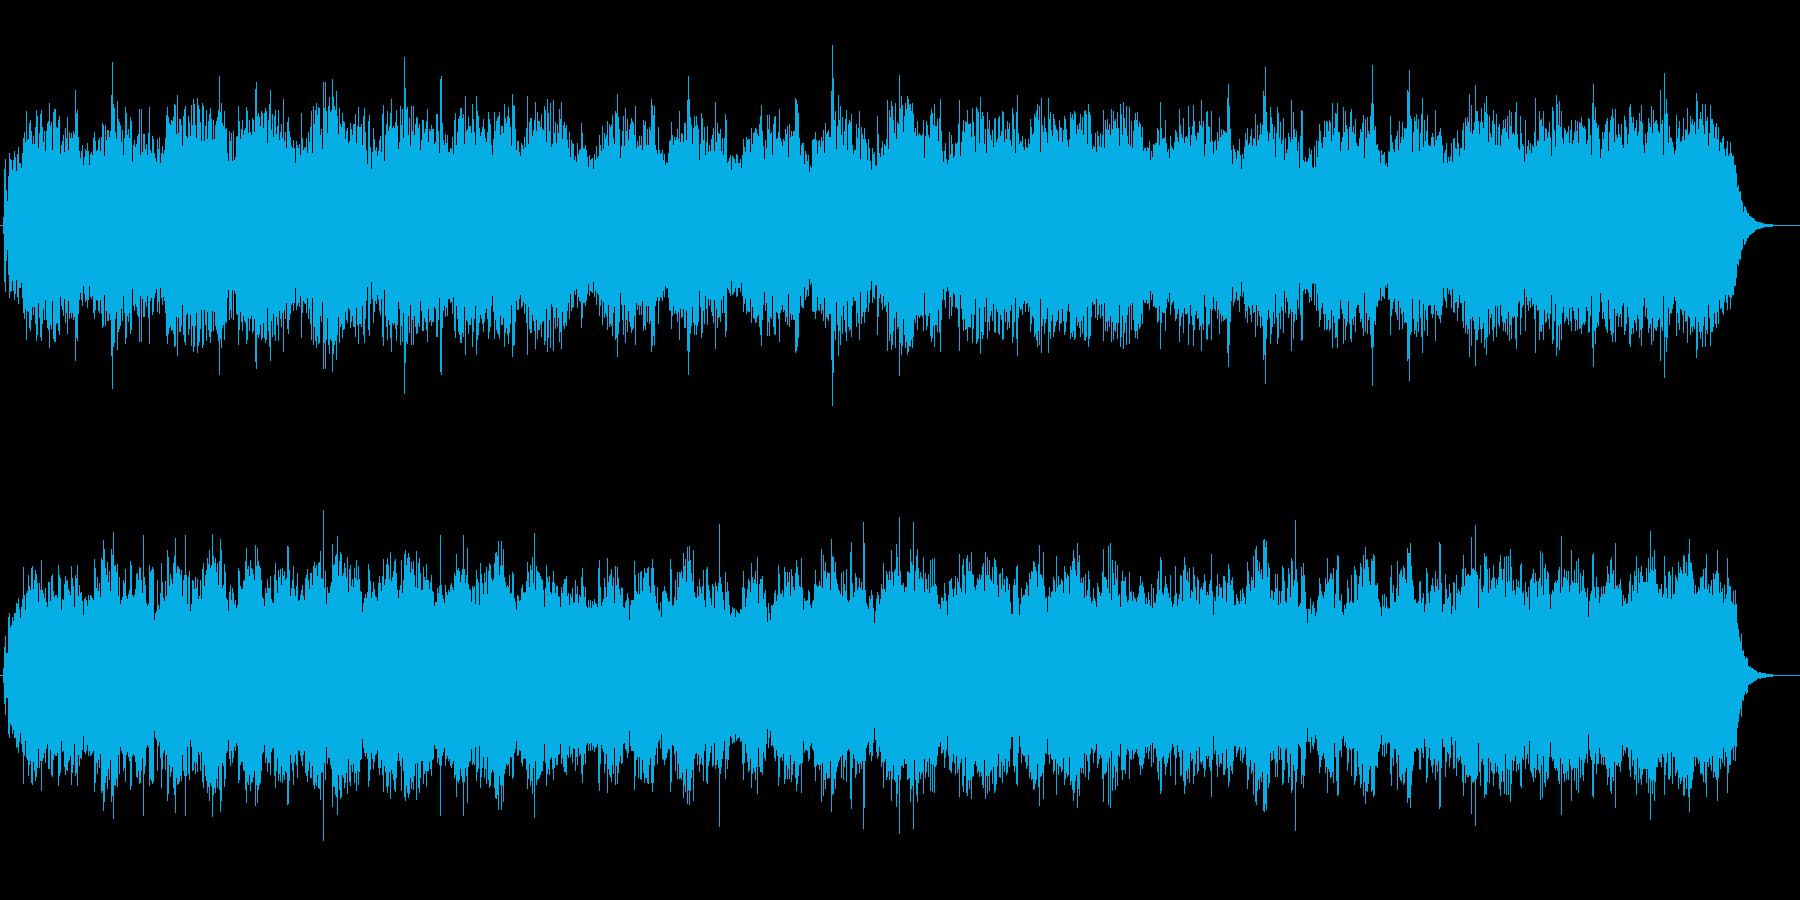 和と中国とオーケストラロック混合の再生済みの波形